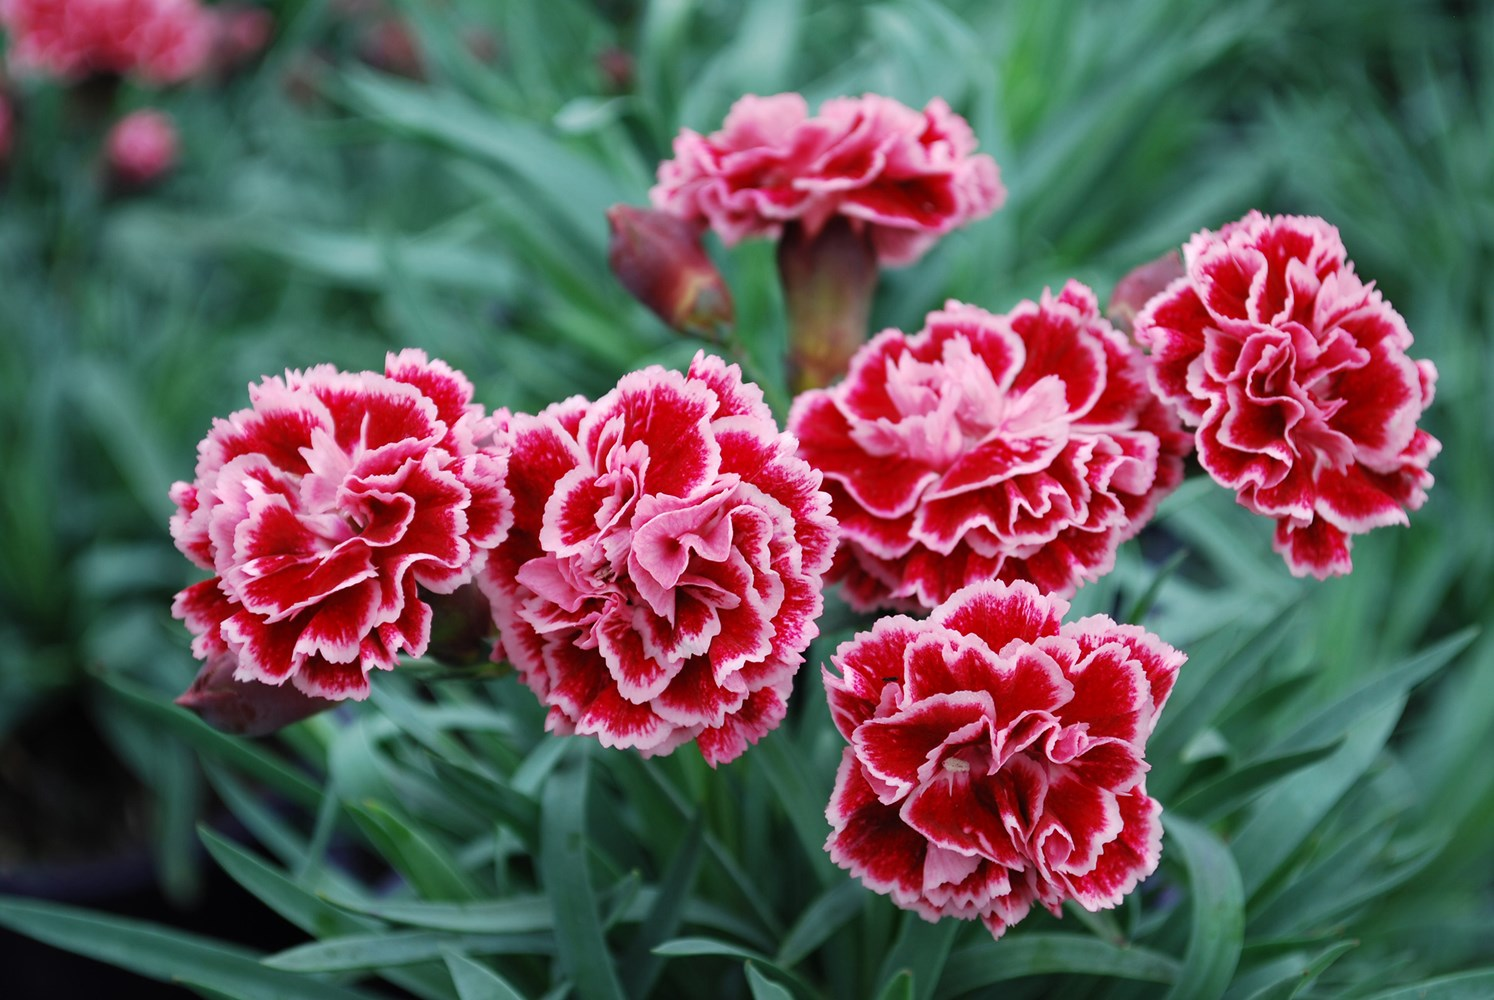 Website/Plants/1264596412/Images/Gallery/d_sugarplum_03.0.jpg